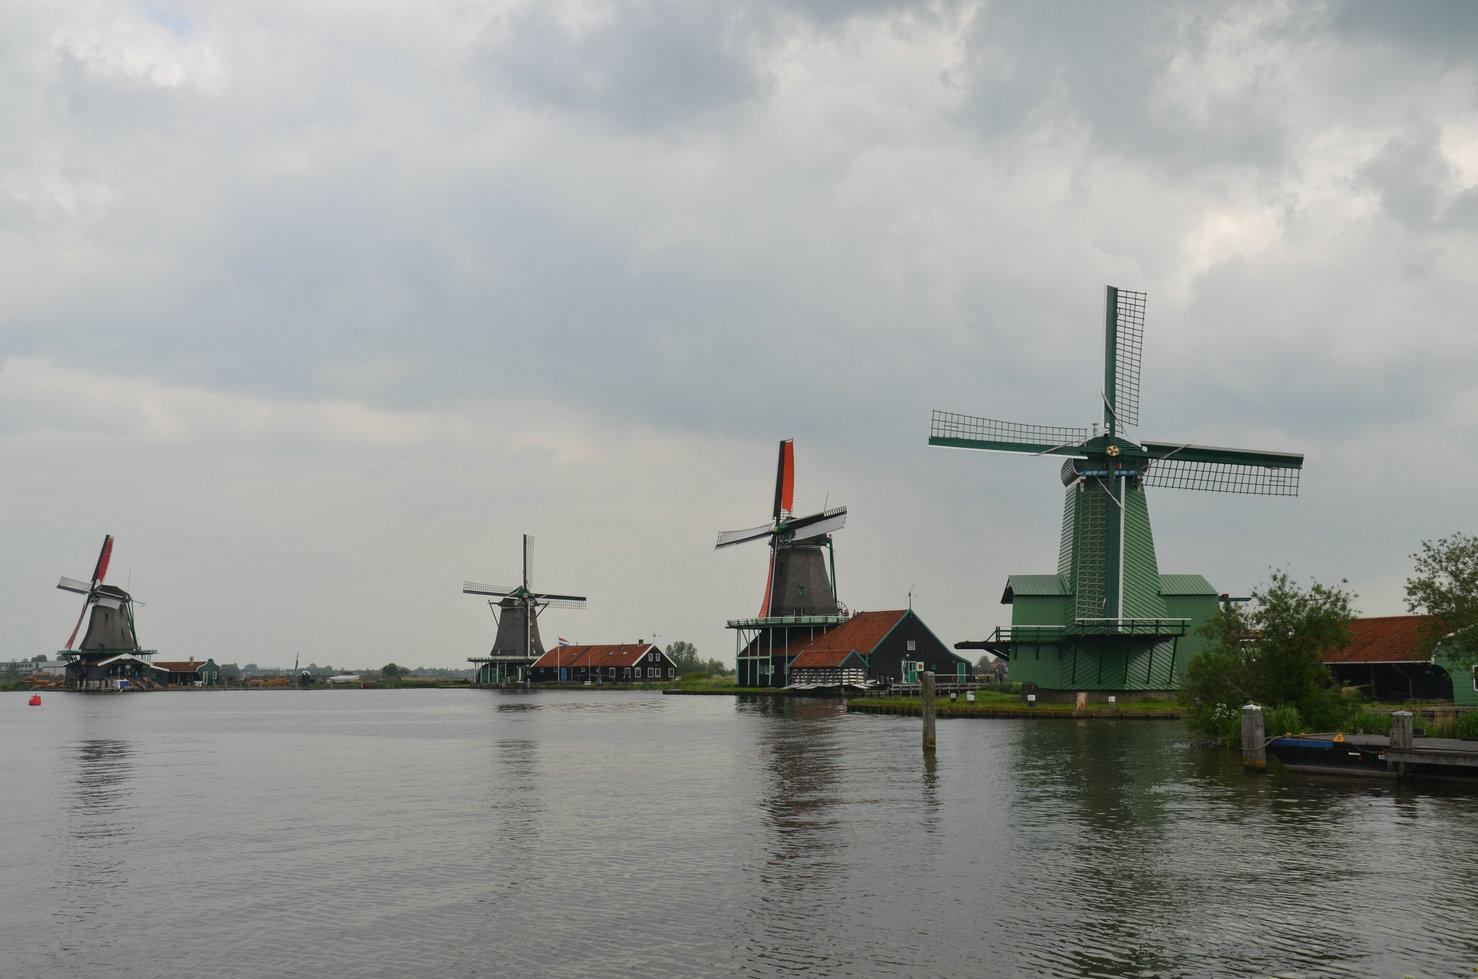 风车村有风车,有水,有漂亮的小房子,风景着实美丽.